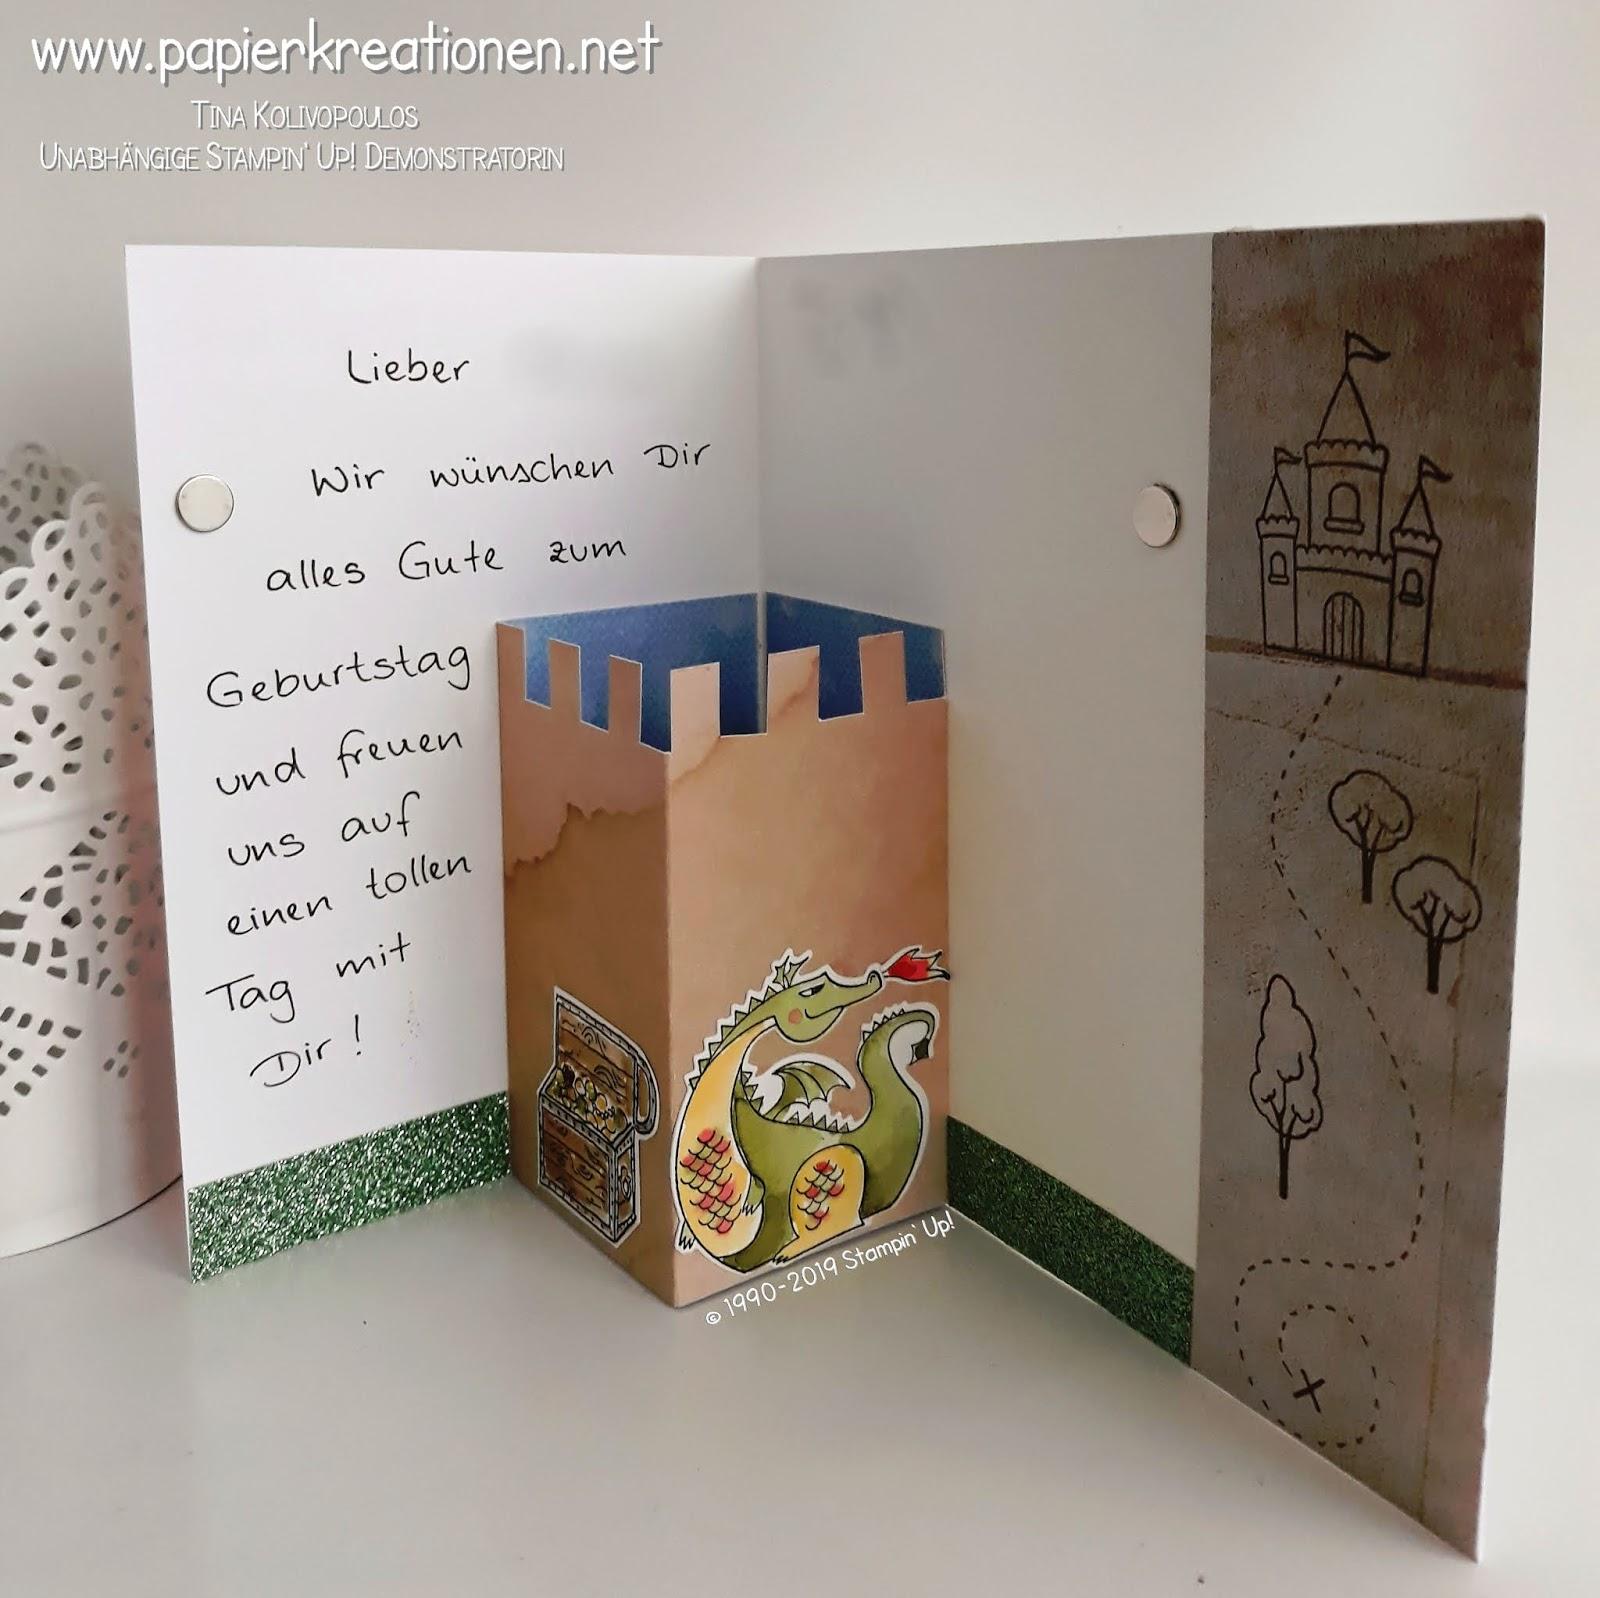 Papierkreationen Net Gluckwunsche Zum Kindergeburtstag Mit